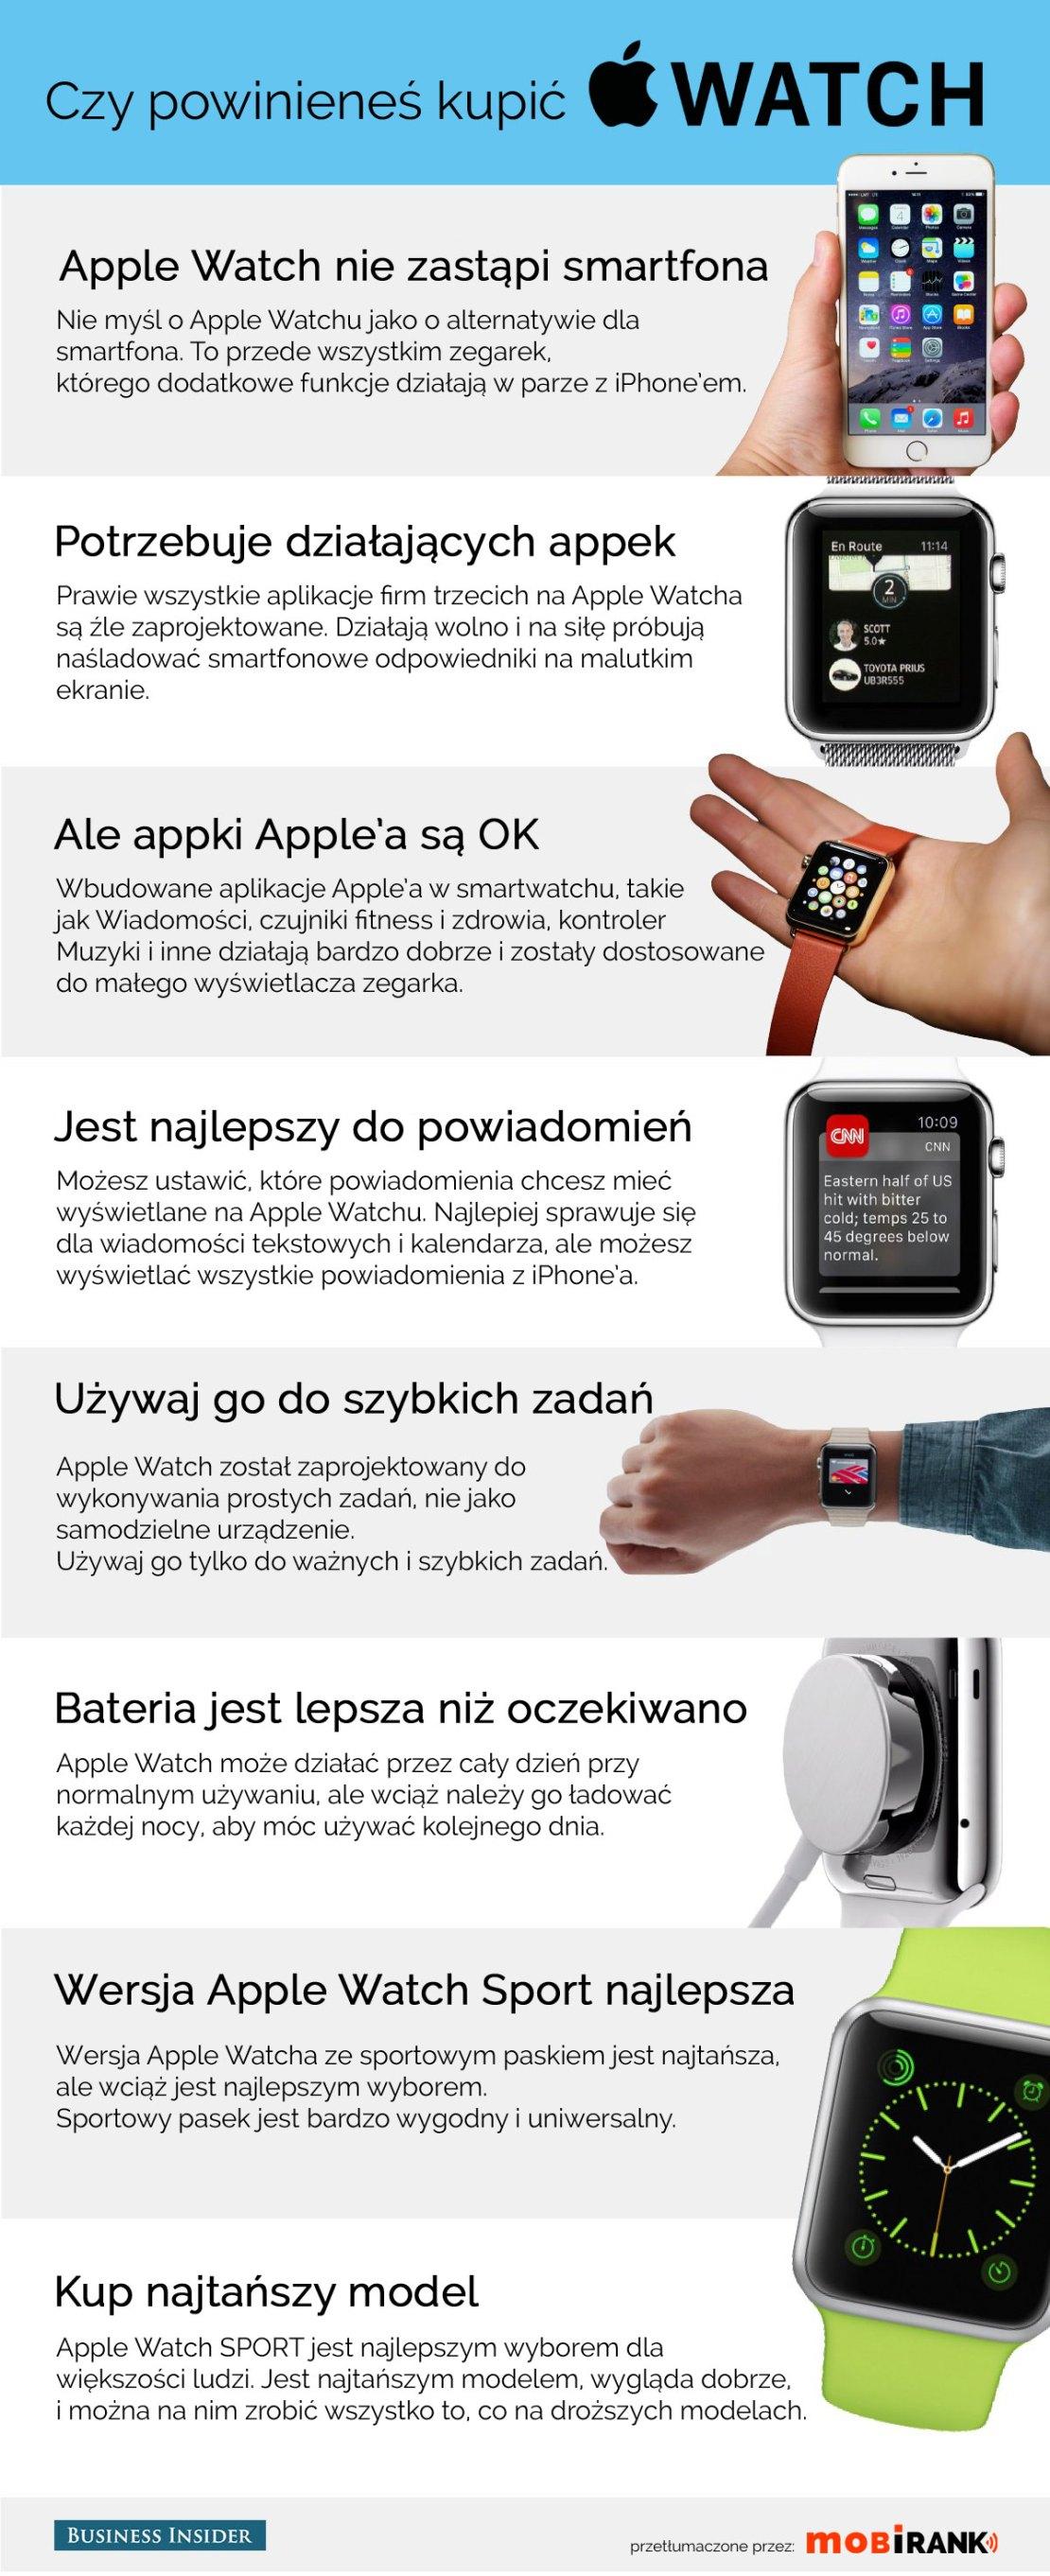 Czy kupować Apple Watcha? - poradnik